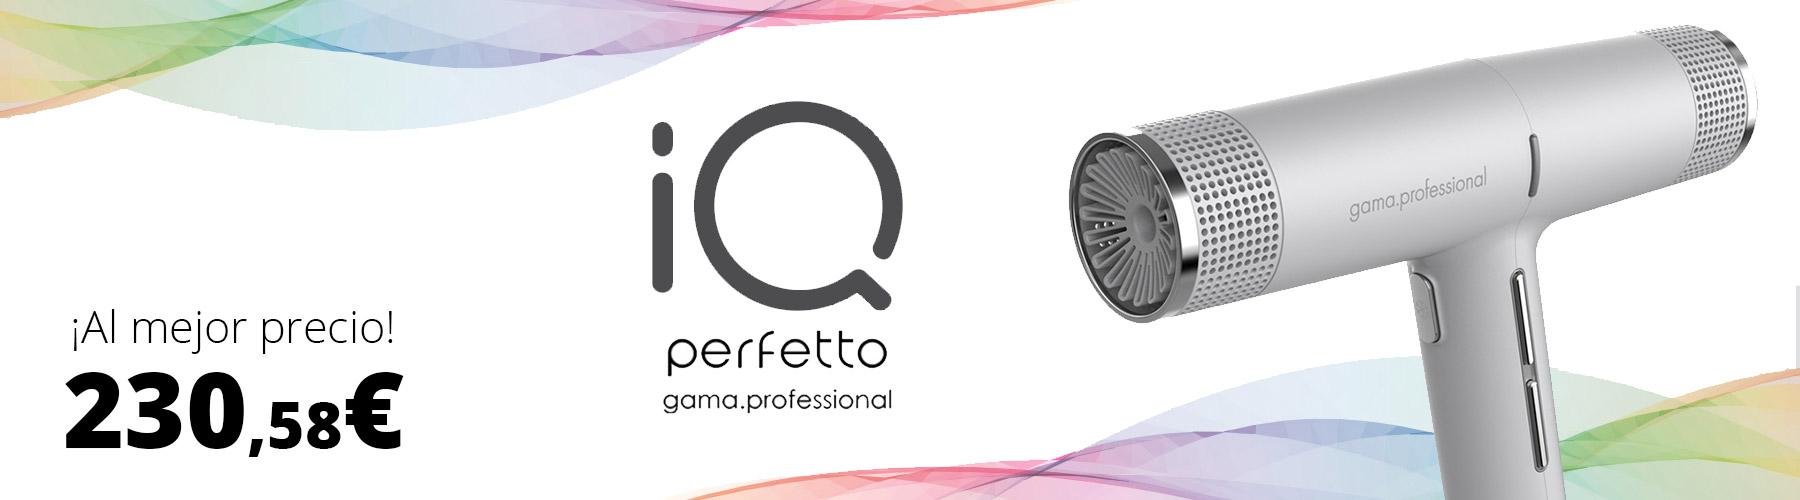 Nuevo secador IQ Gamma Perfetto